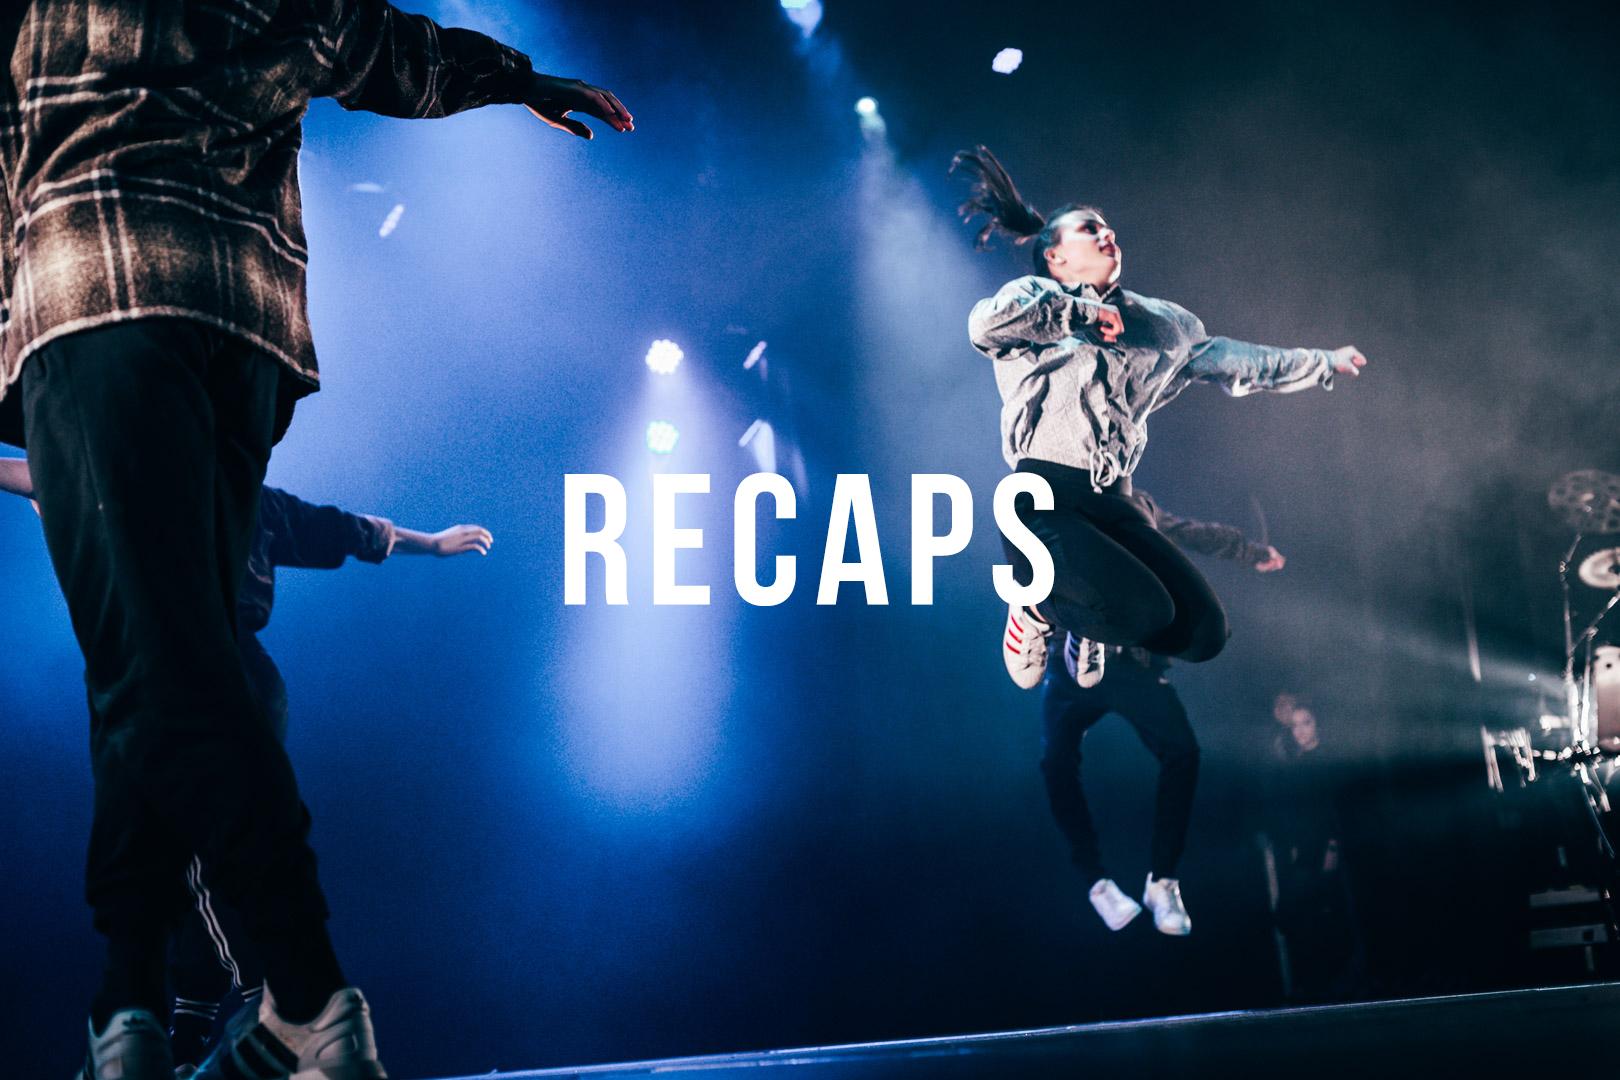 recaps thumb.jpg